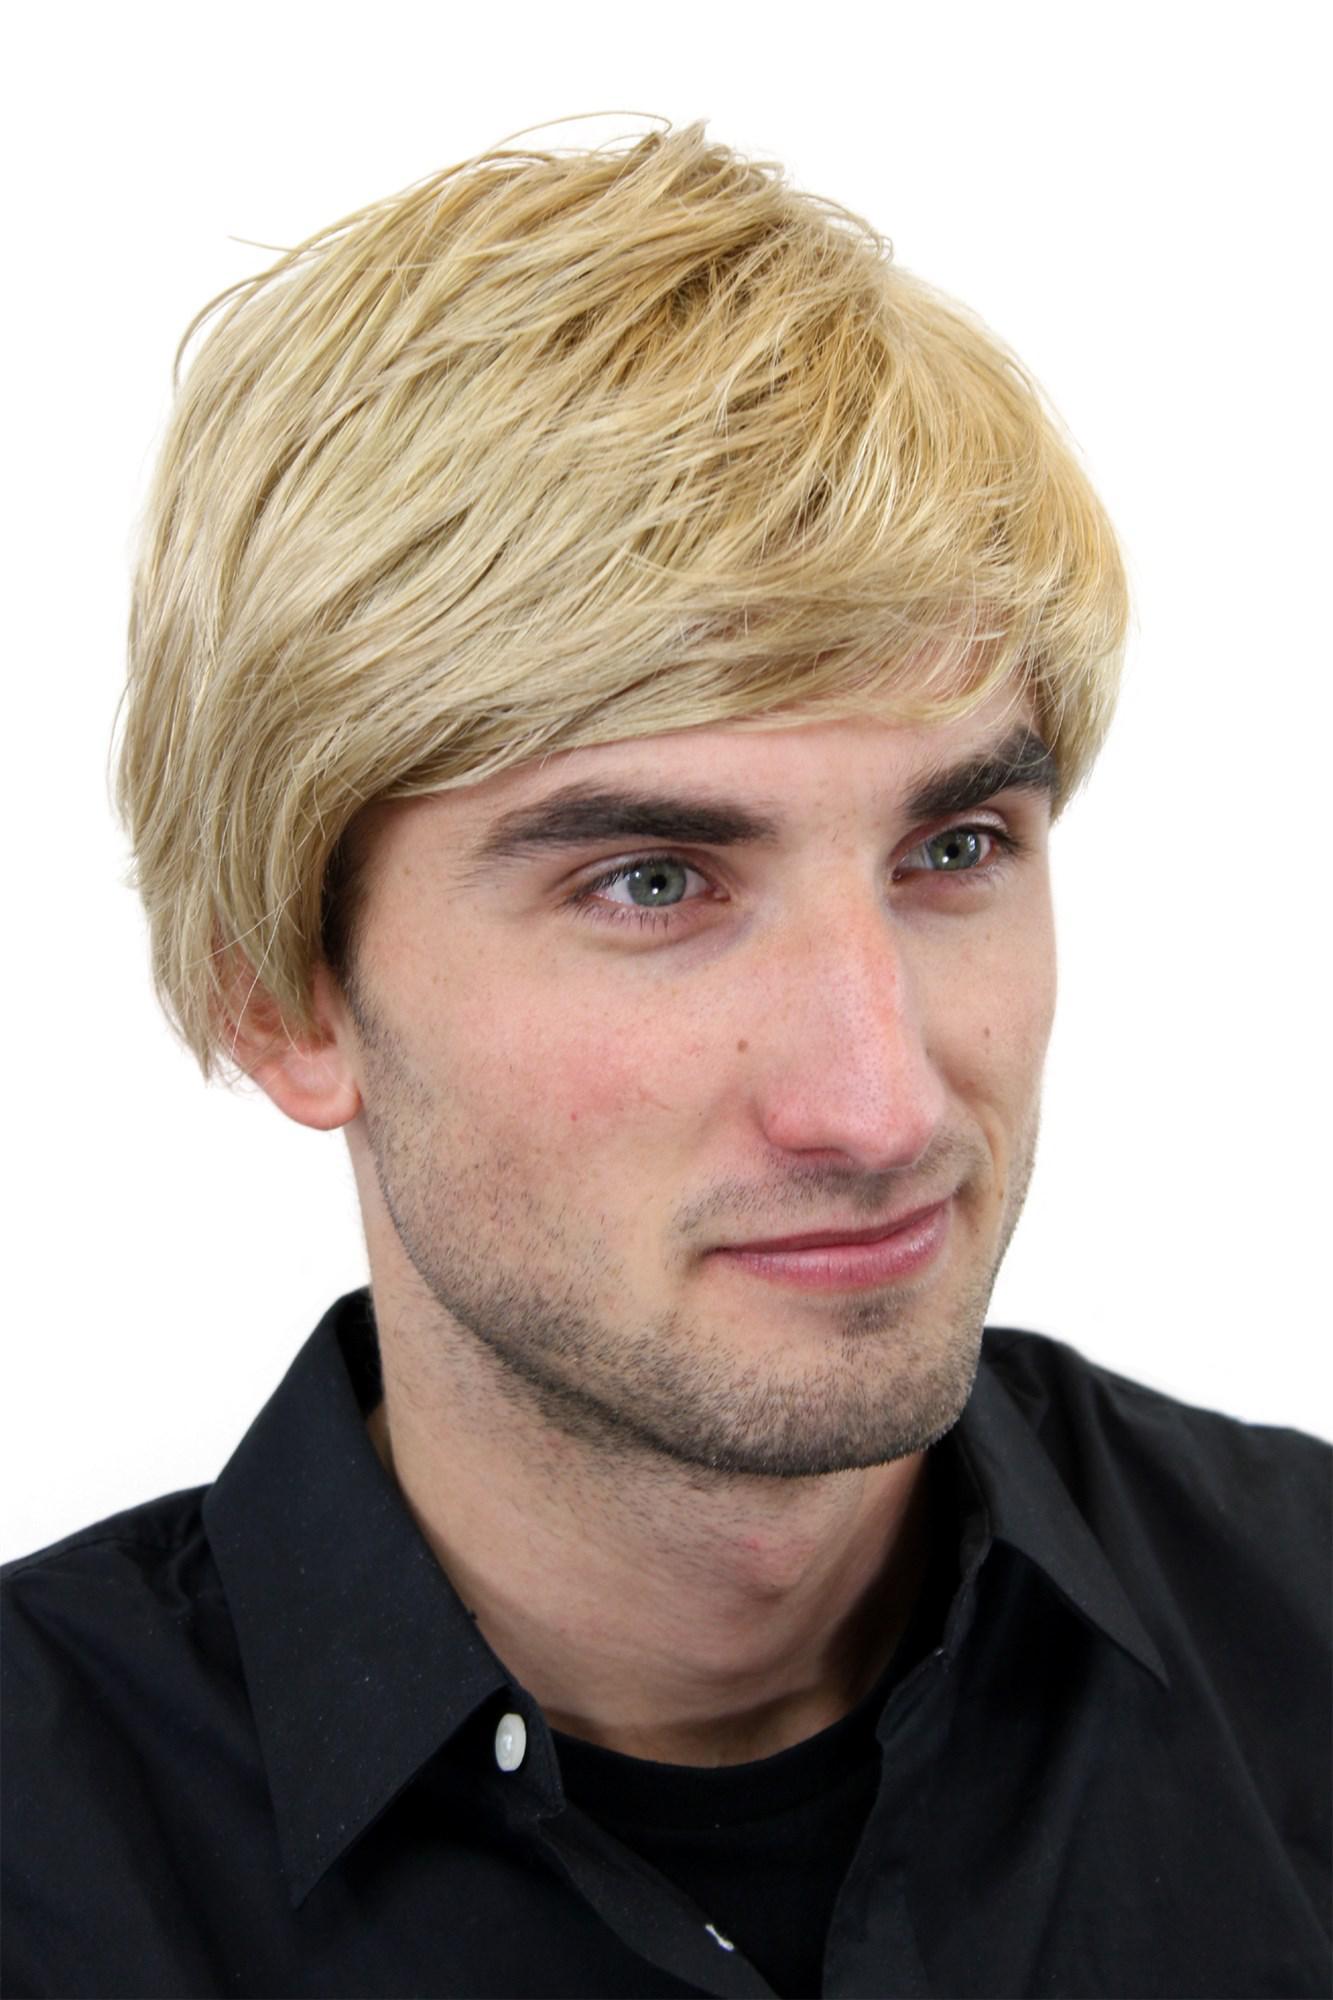 Herrenperucke Perucke Manner Blond Scheitel Herren Kurzhaarfrisur Gfw993 25